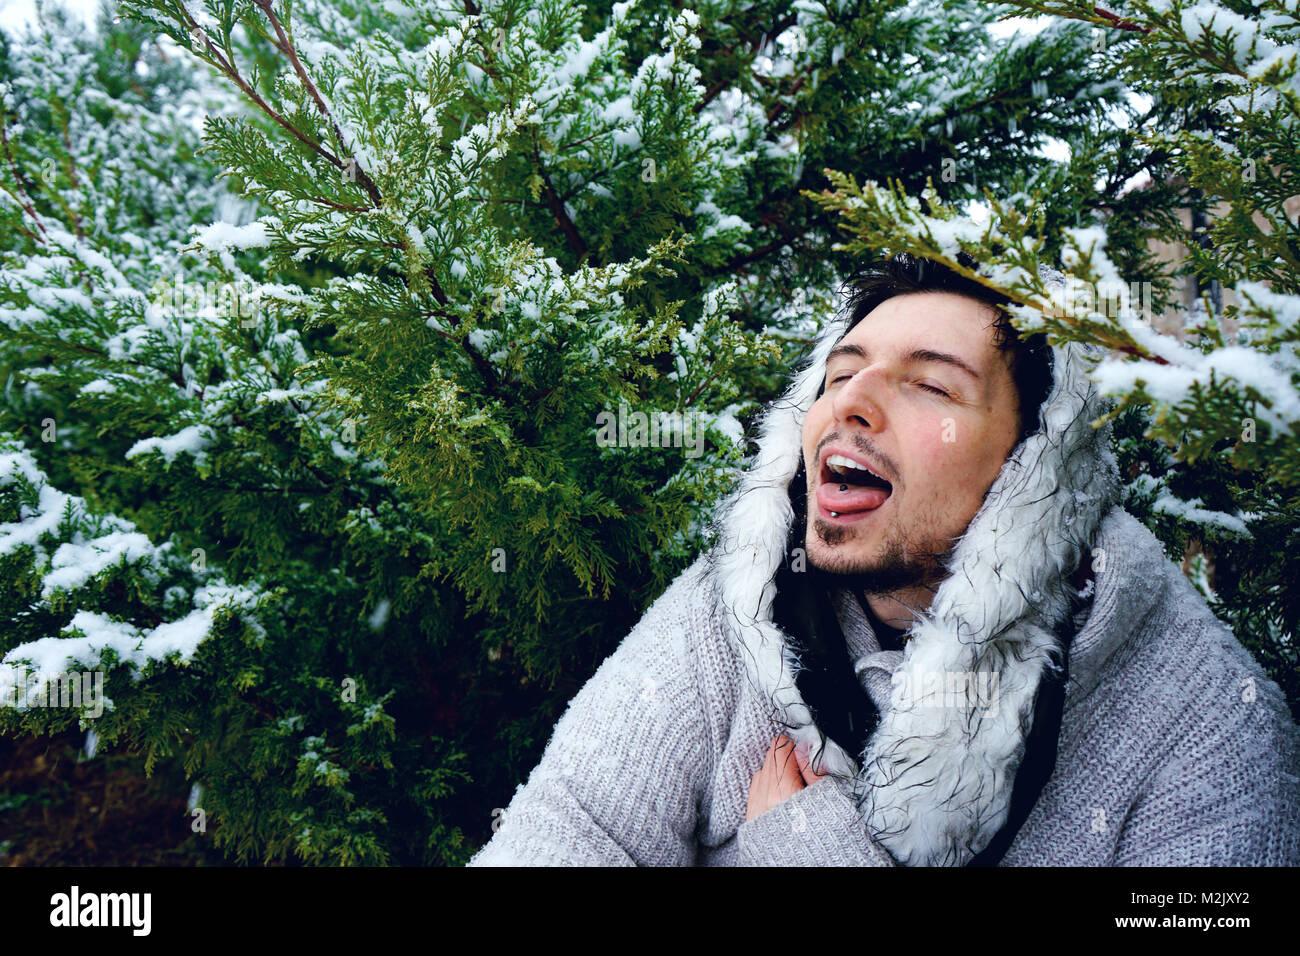 Giovane uomo godendo di un inverno nevoso e giorno Immagini Stock